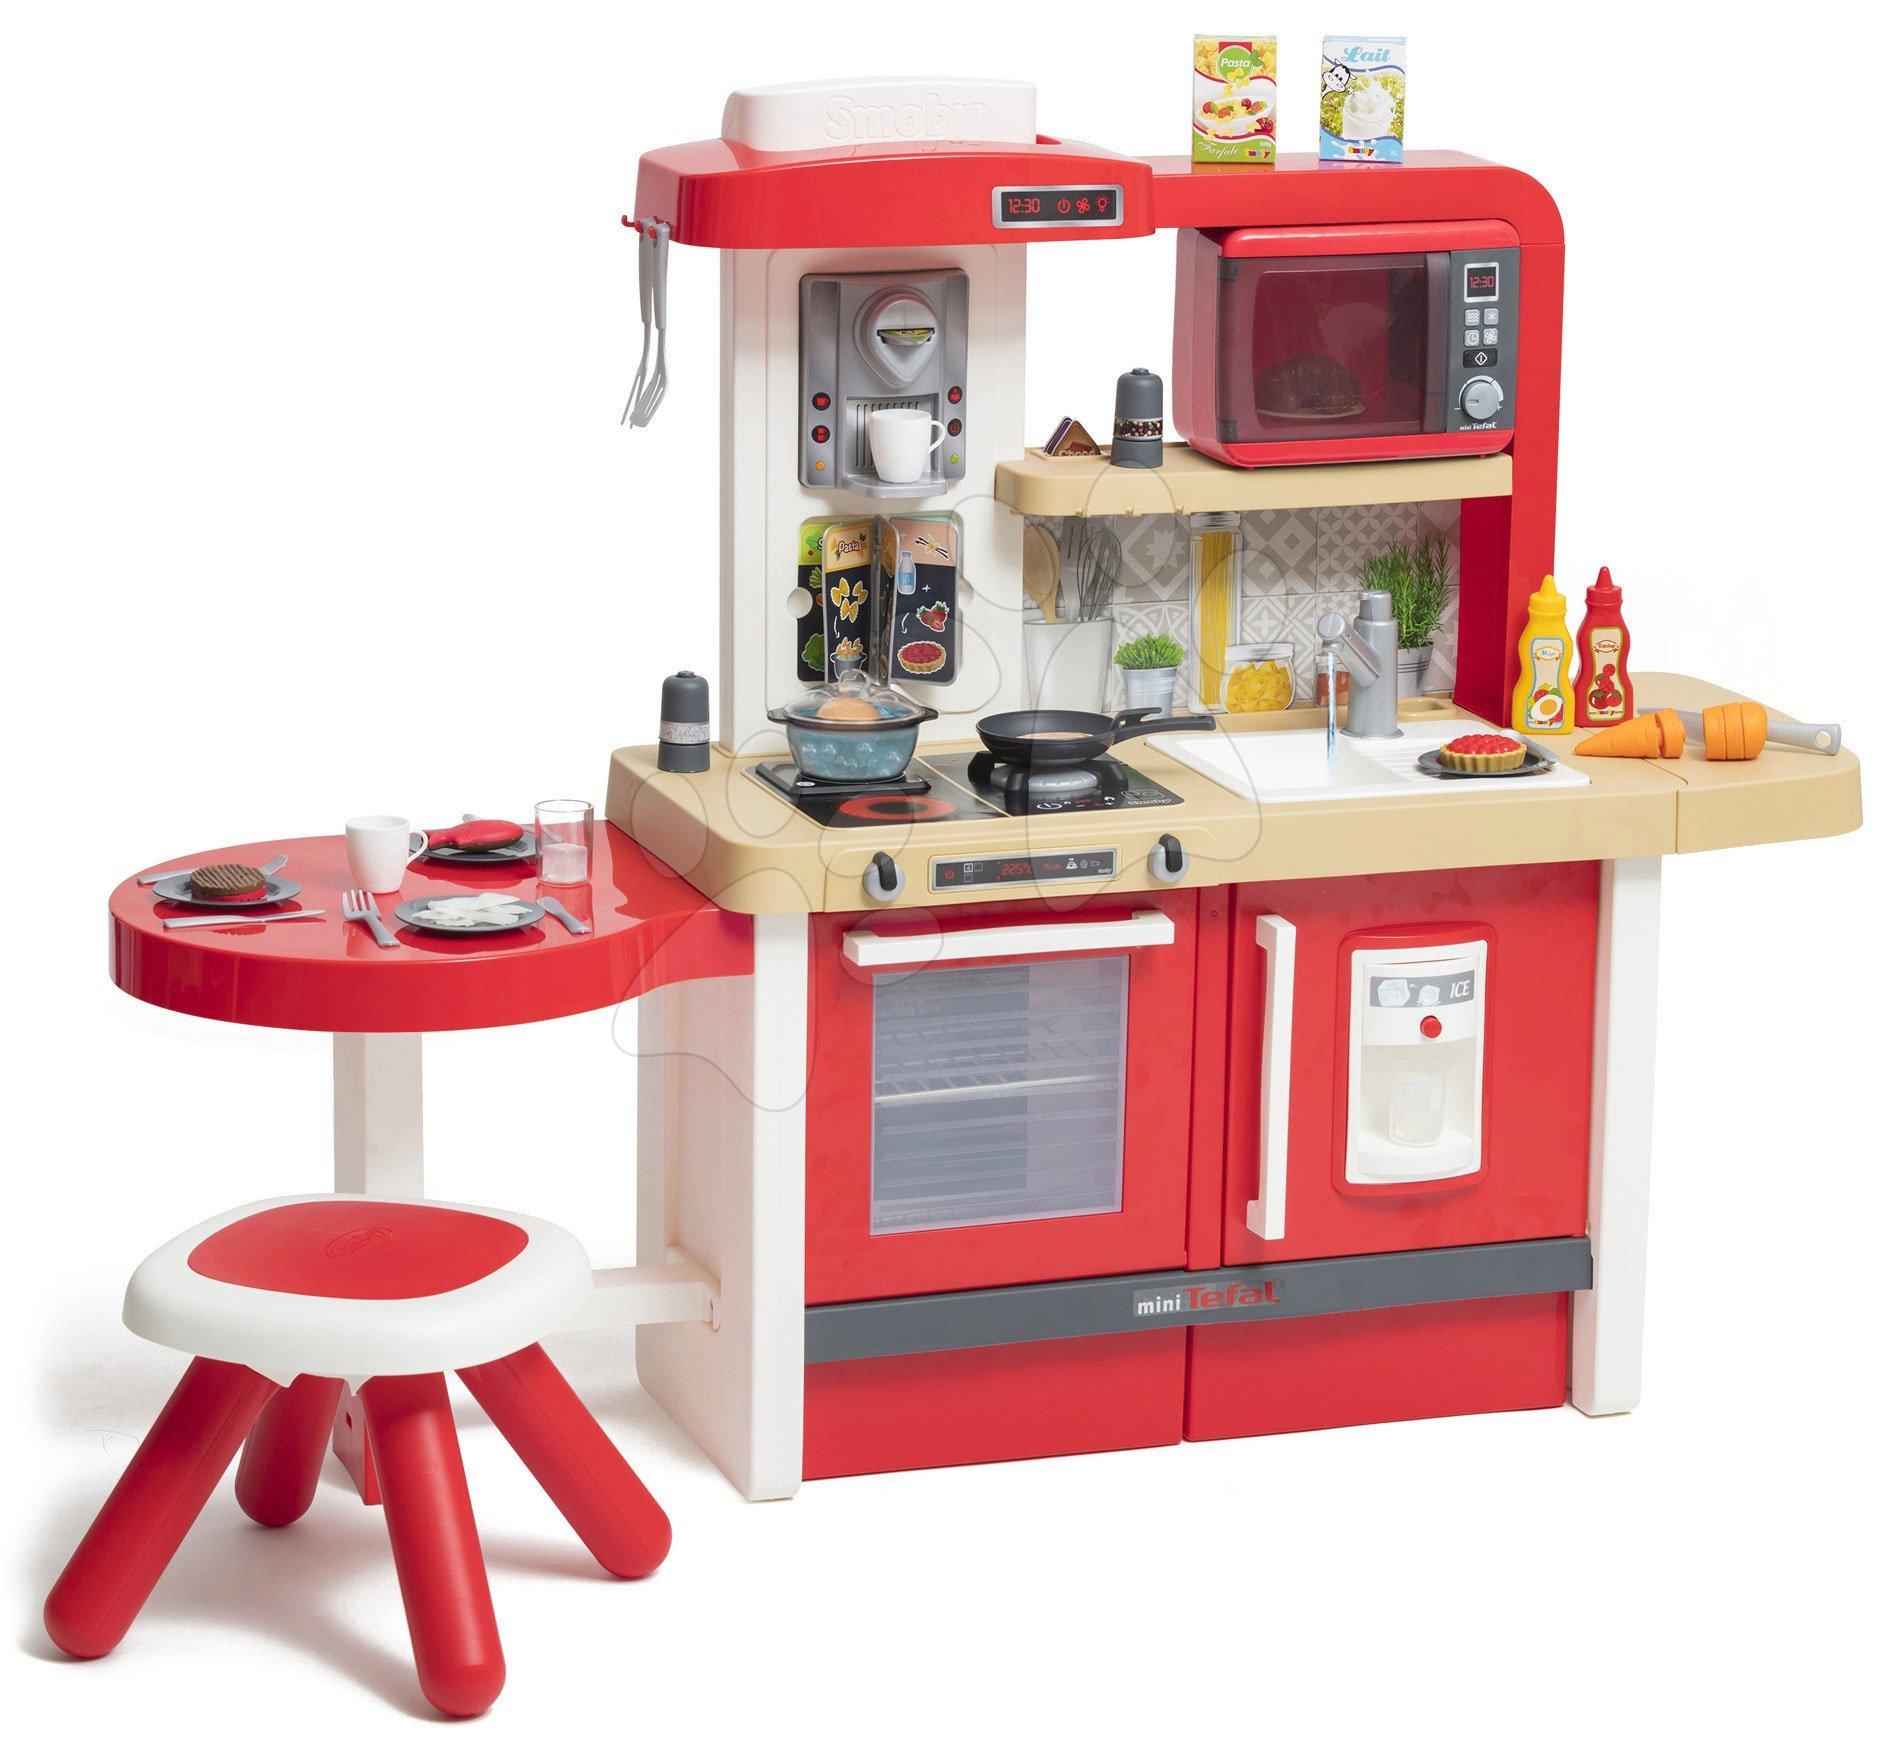 Kuchynka rastúca s tečúcou vodou Tefal Evolutive Gourment Smoby s červenou mikrovlnkou so zvukom a svetlom